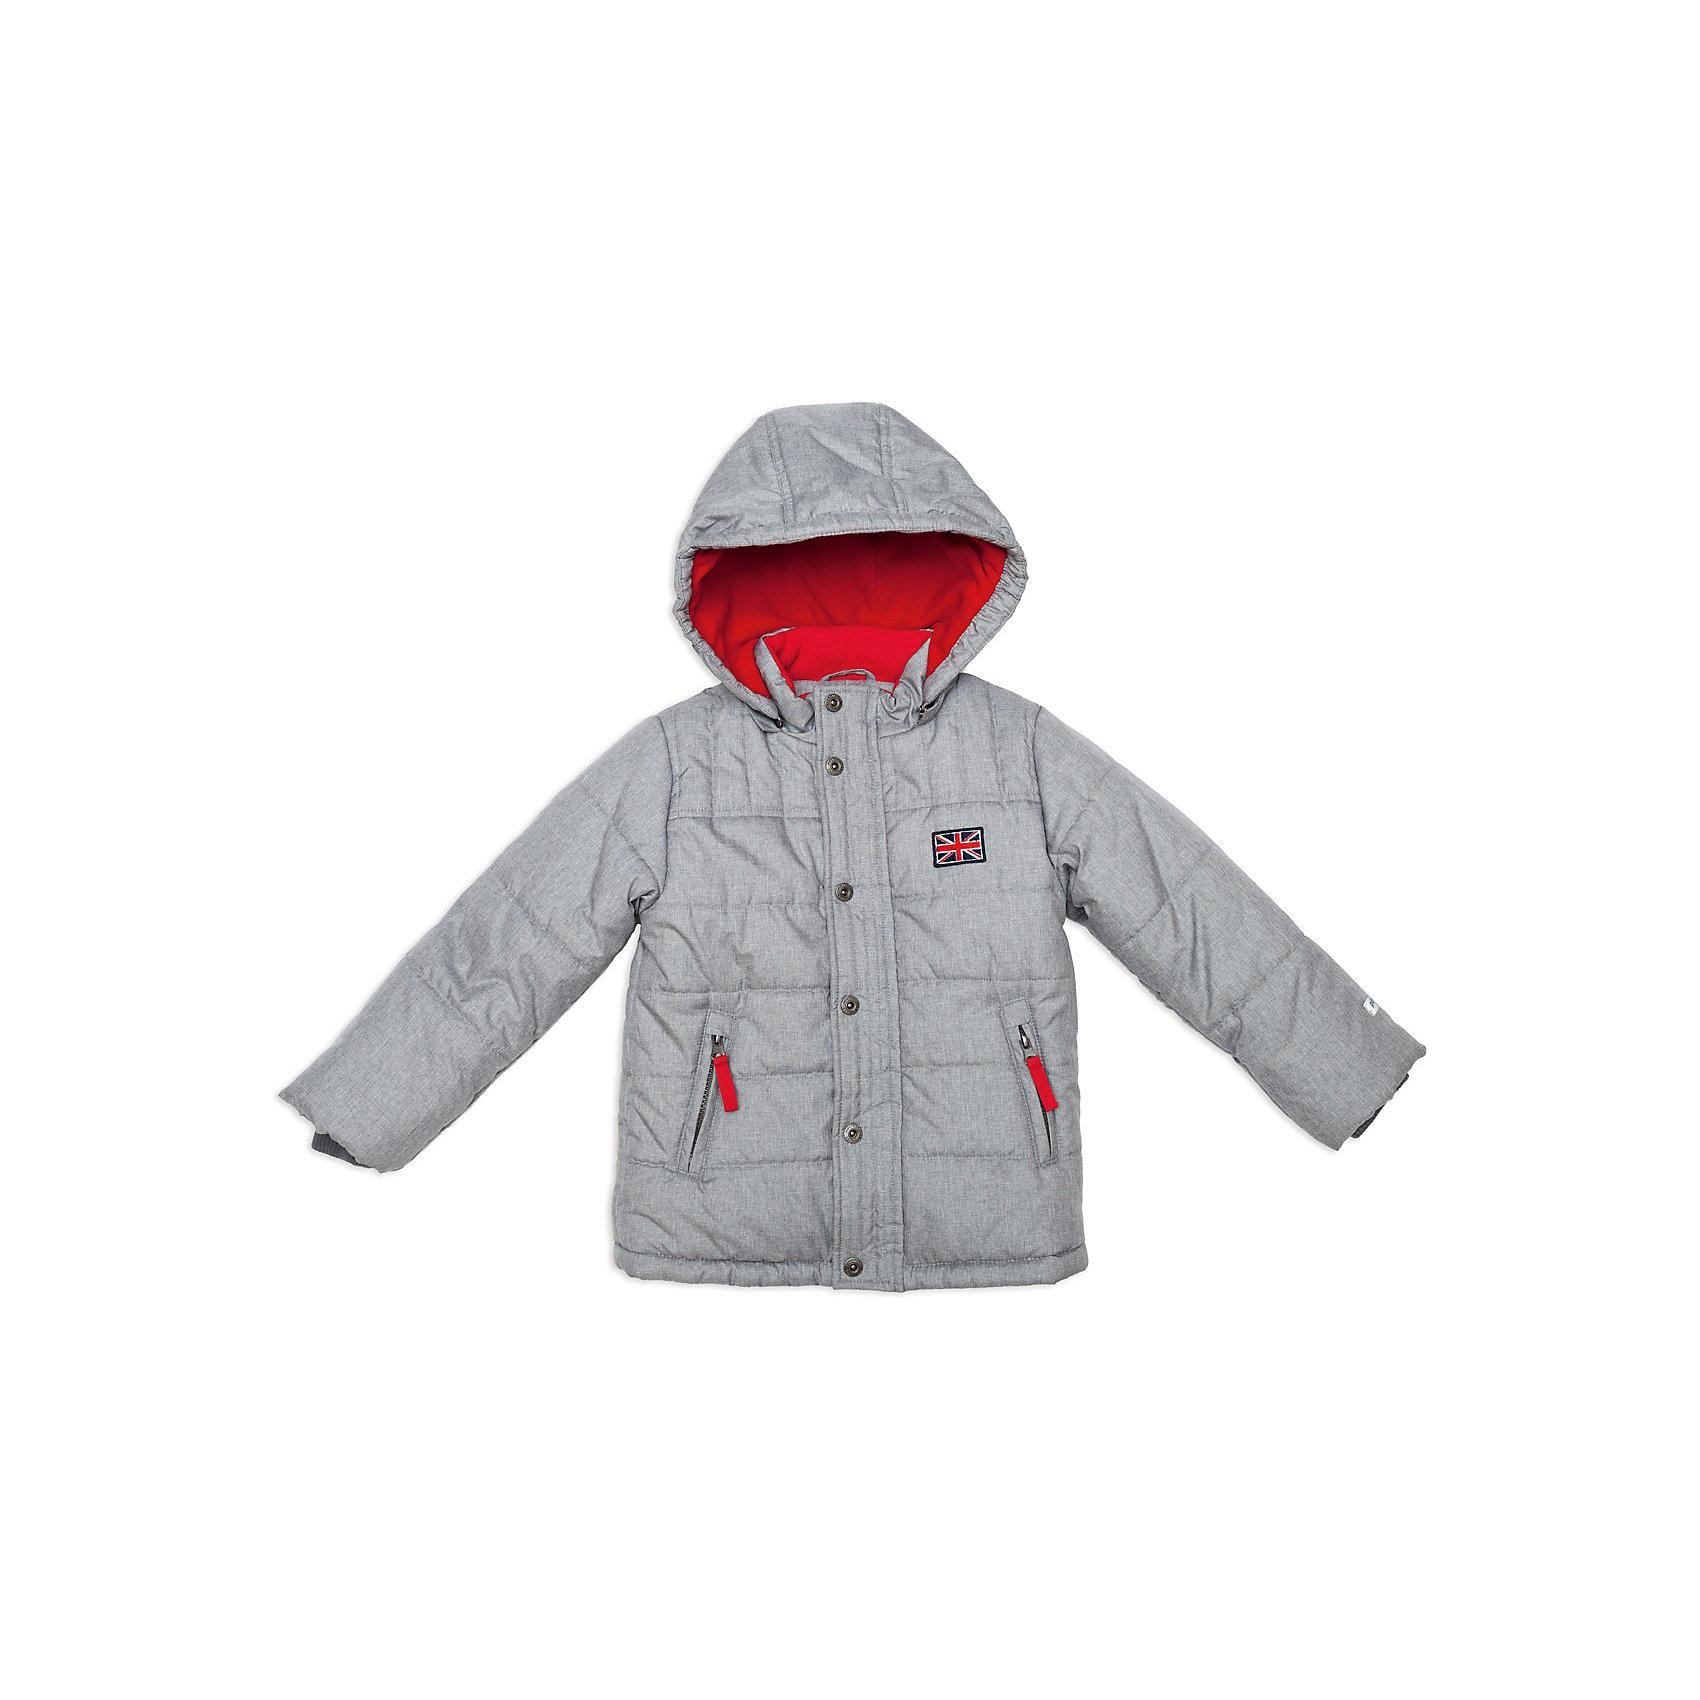 Куртка для мальчика PlayTodayВерхняя одежда<br>Куртка для мальчика от известной марки PlayToday<br>* комфортная теплая куртка <br>* застежка - молния; ветрозащитная планка с застежкой на кнопки; защита подбородка<br>* высокий воротник-стойка <br>* съемный утепленный капюшон на молнии<br>* светоотражающий кант на спинке<br>* боковые карманы на молнии<br>* низ куртки утягивается стопперами<br>* нашивка на полочке<br>* манжеты дополнены трикотажной резинкой<br>* яркая подкладка из флиса<br>Состав:<br>верх: 100% полиэстер, подкладка: 100% полиэстер, наполнитель: 100% полиэстер<br><br>Ширина мм: 356<br>Глубина мм: 10<br>Высота мм: 245<br>Вес г: 519<br>Цвет: серый<br>Возраст от месяцев: 24<br>Возраст до месяцев: 36<br>Пол: Мужской<br>Возраст: Детский<br>Размер: 98,116,122,128,110,104<br>SKU: 3742786